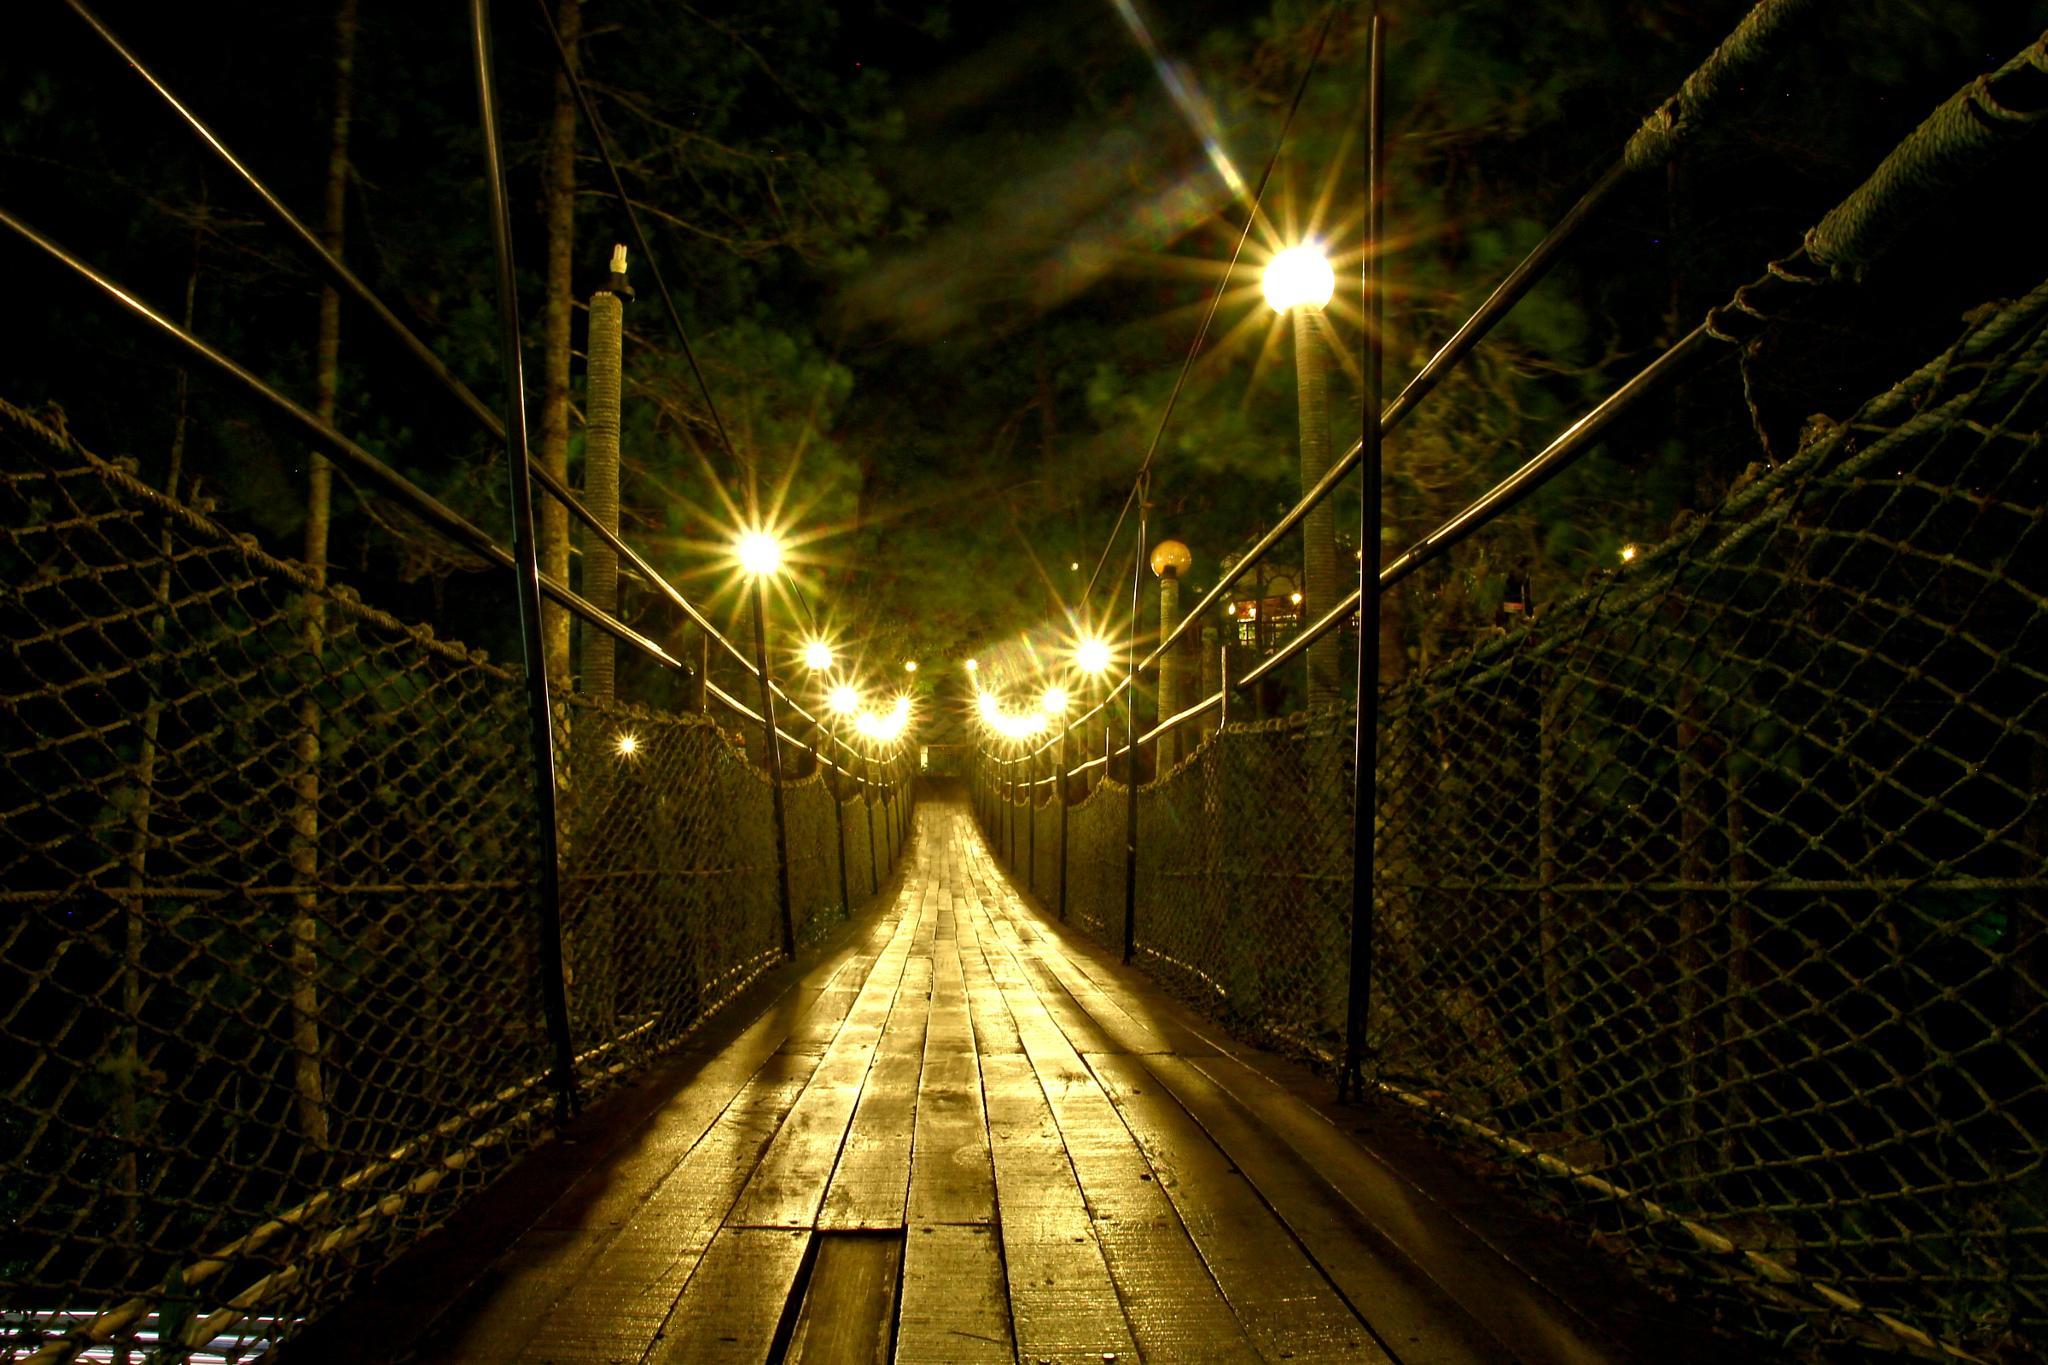 Rope Bridge by hongrong.zhou